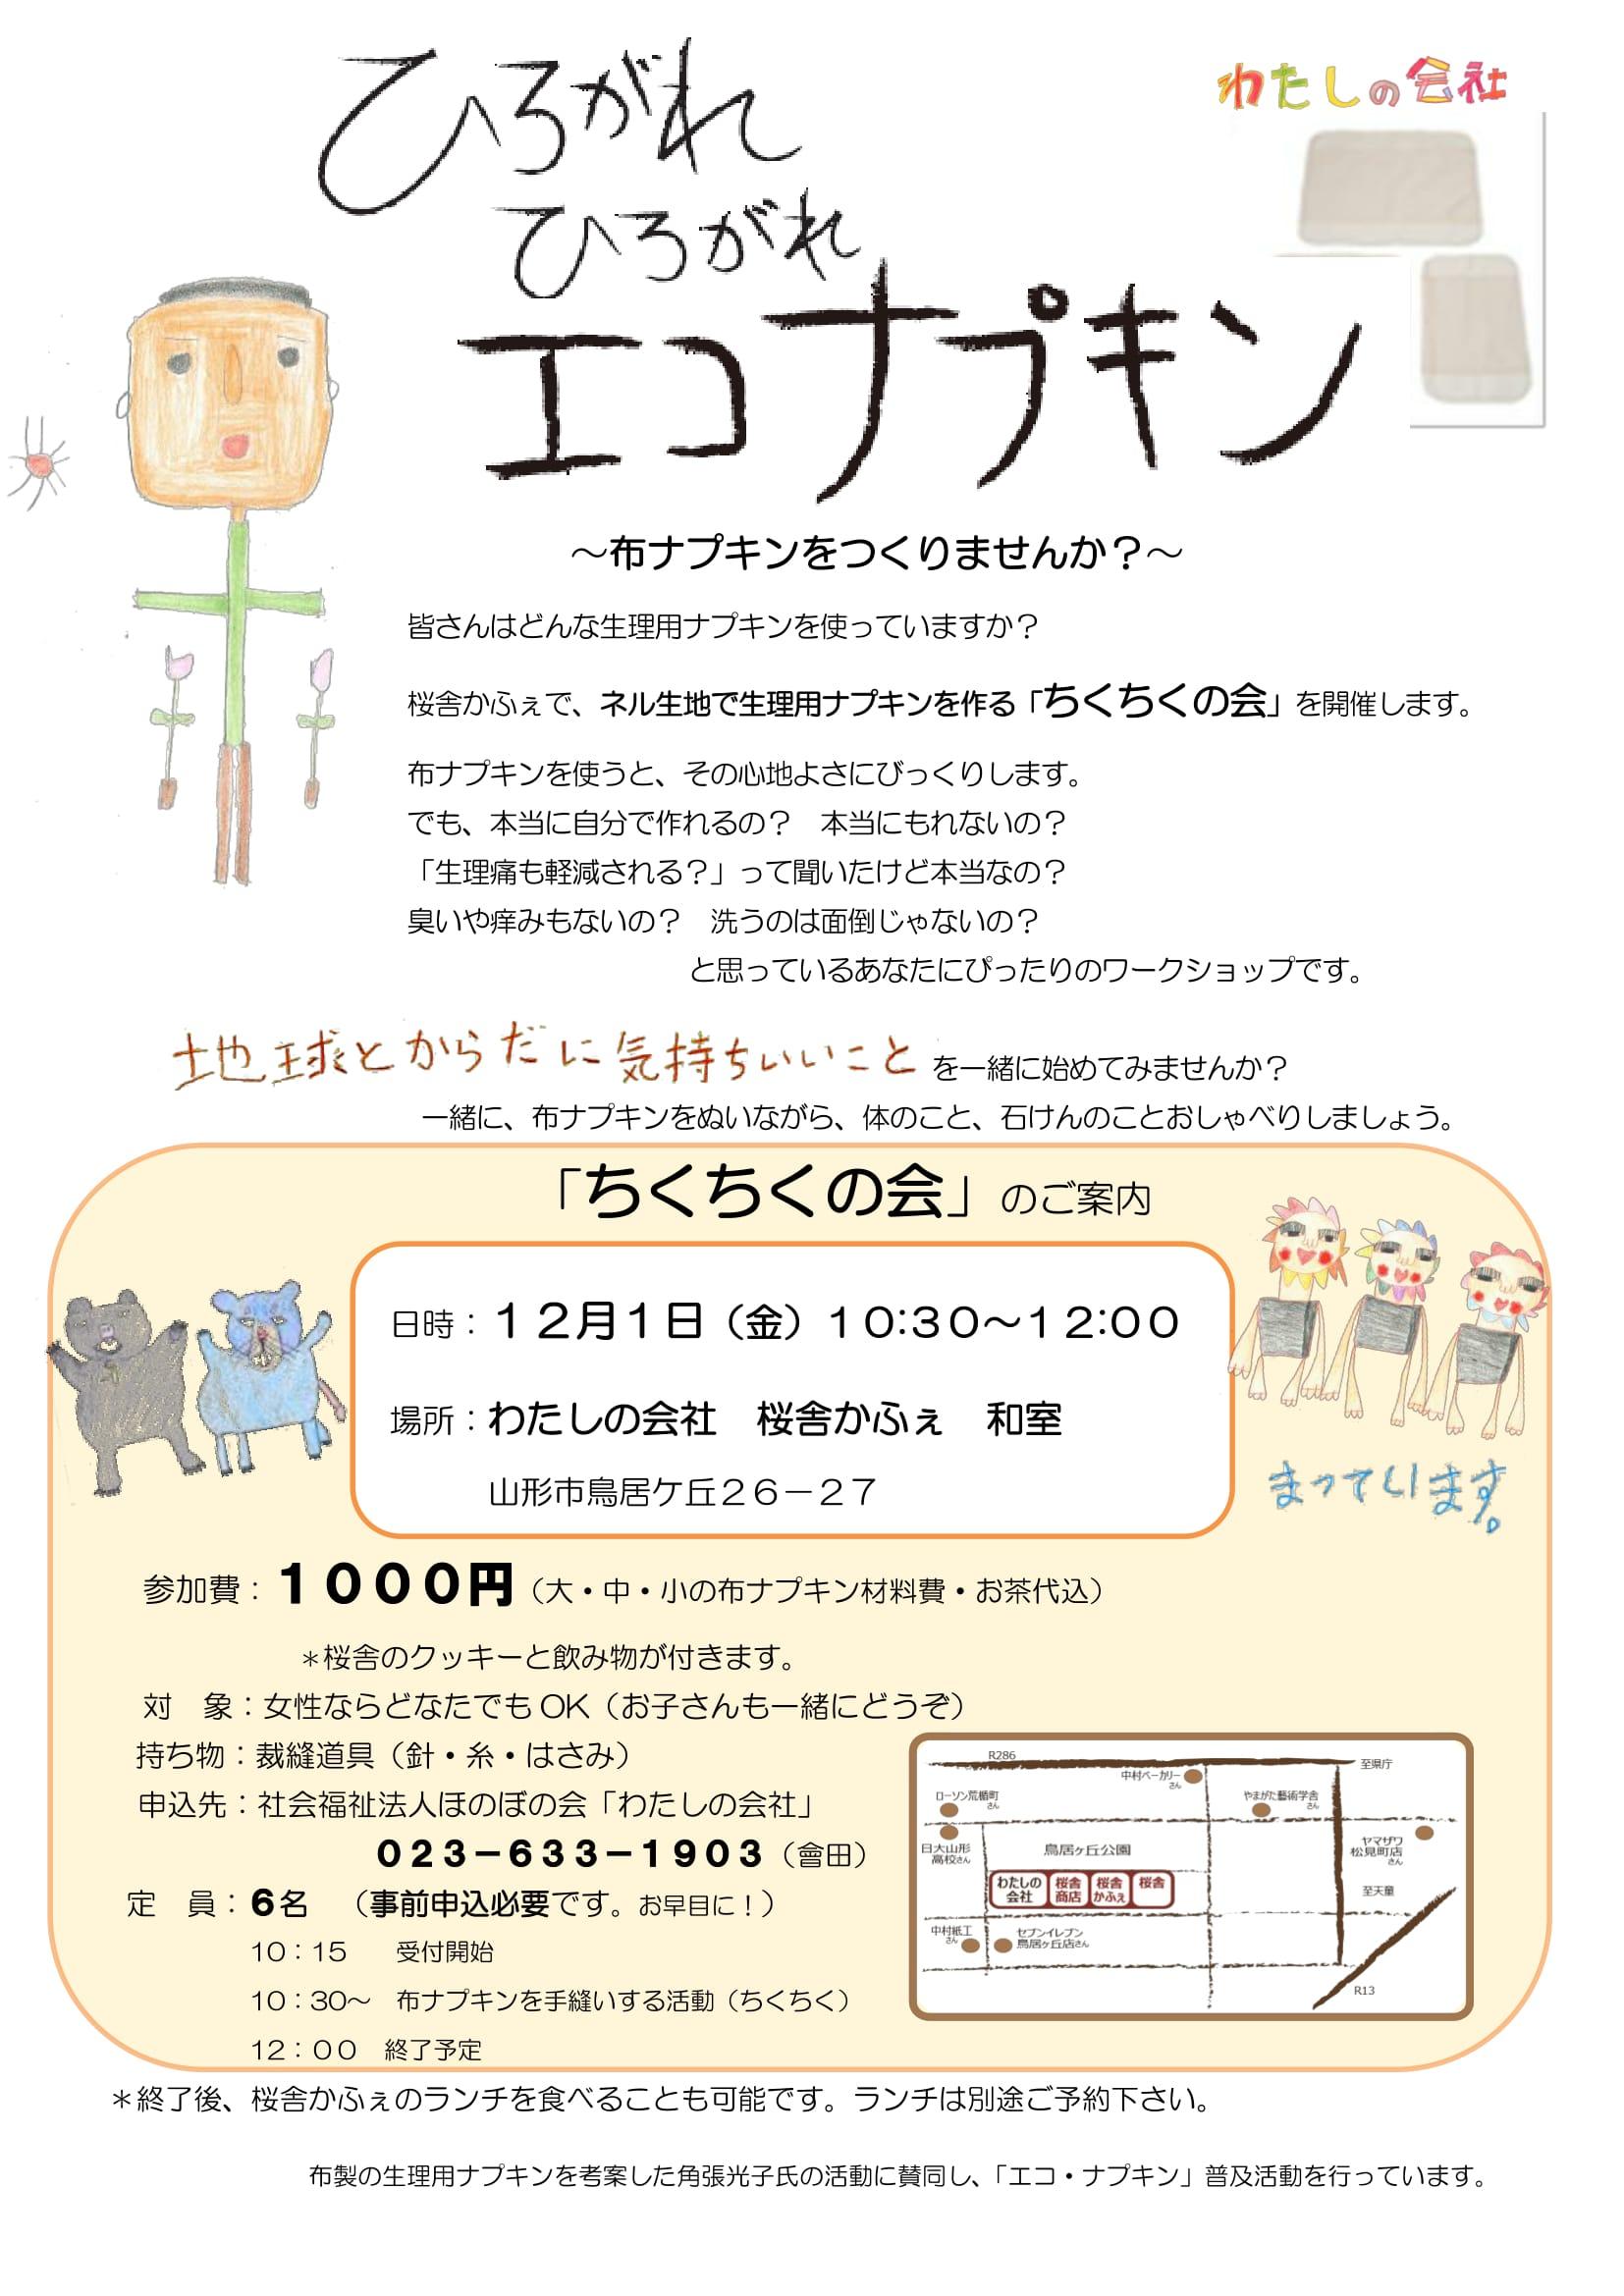 12月1日(金)10:30〜 『ちくちくの会』はじめます!:画像